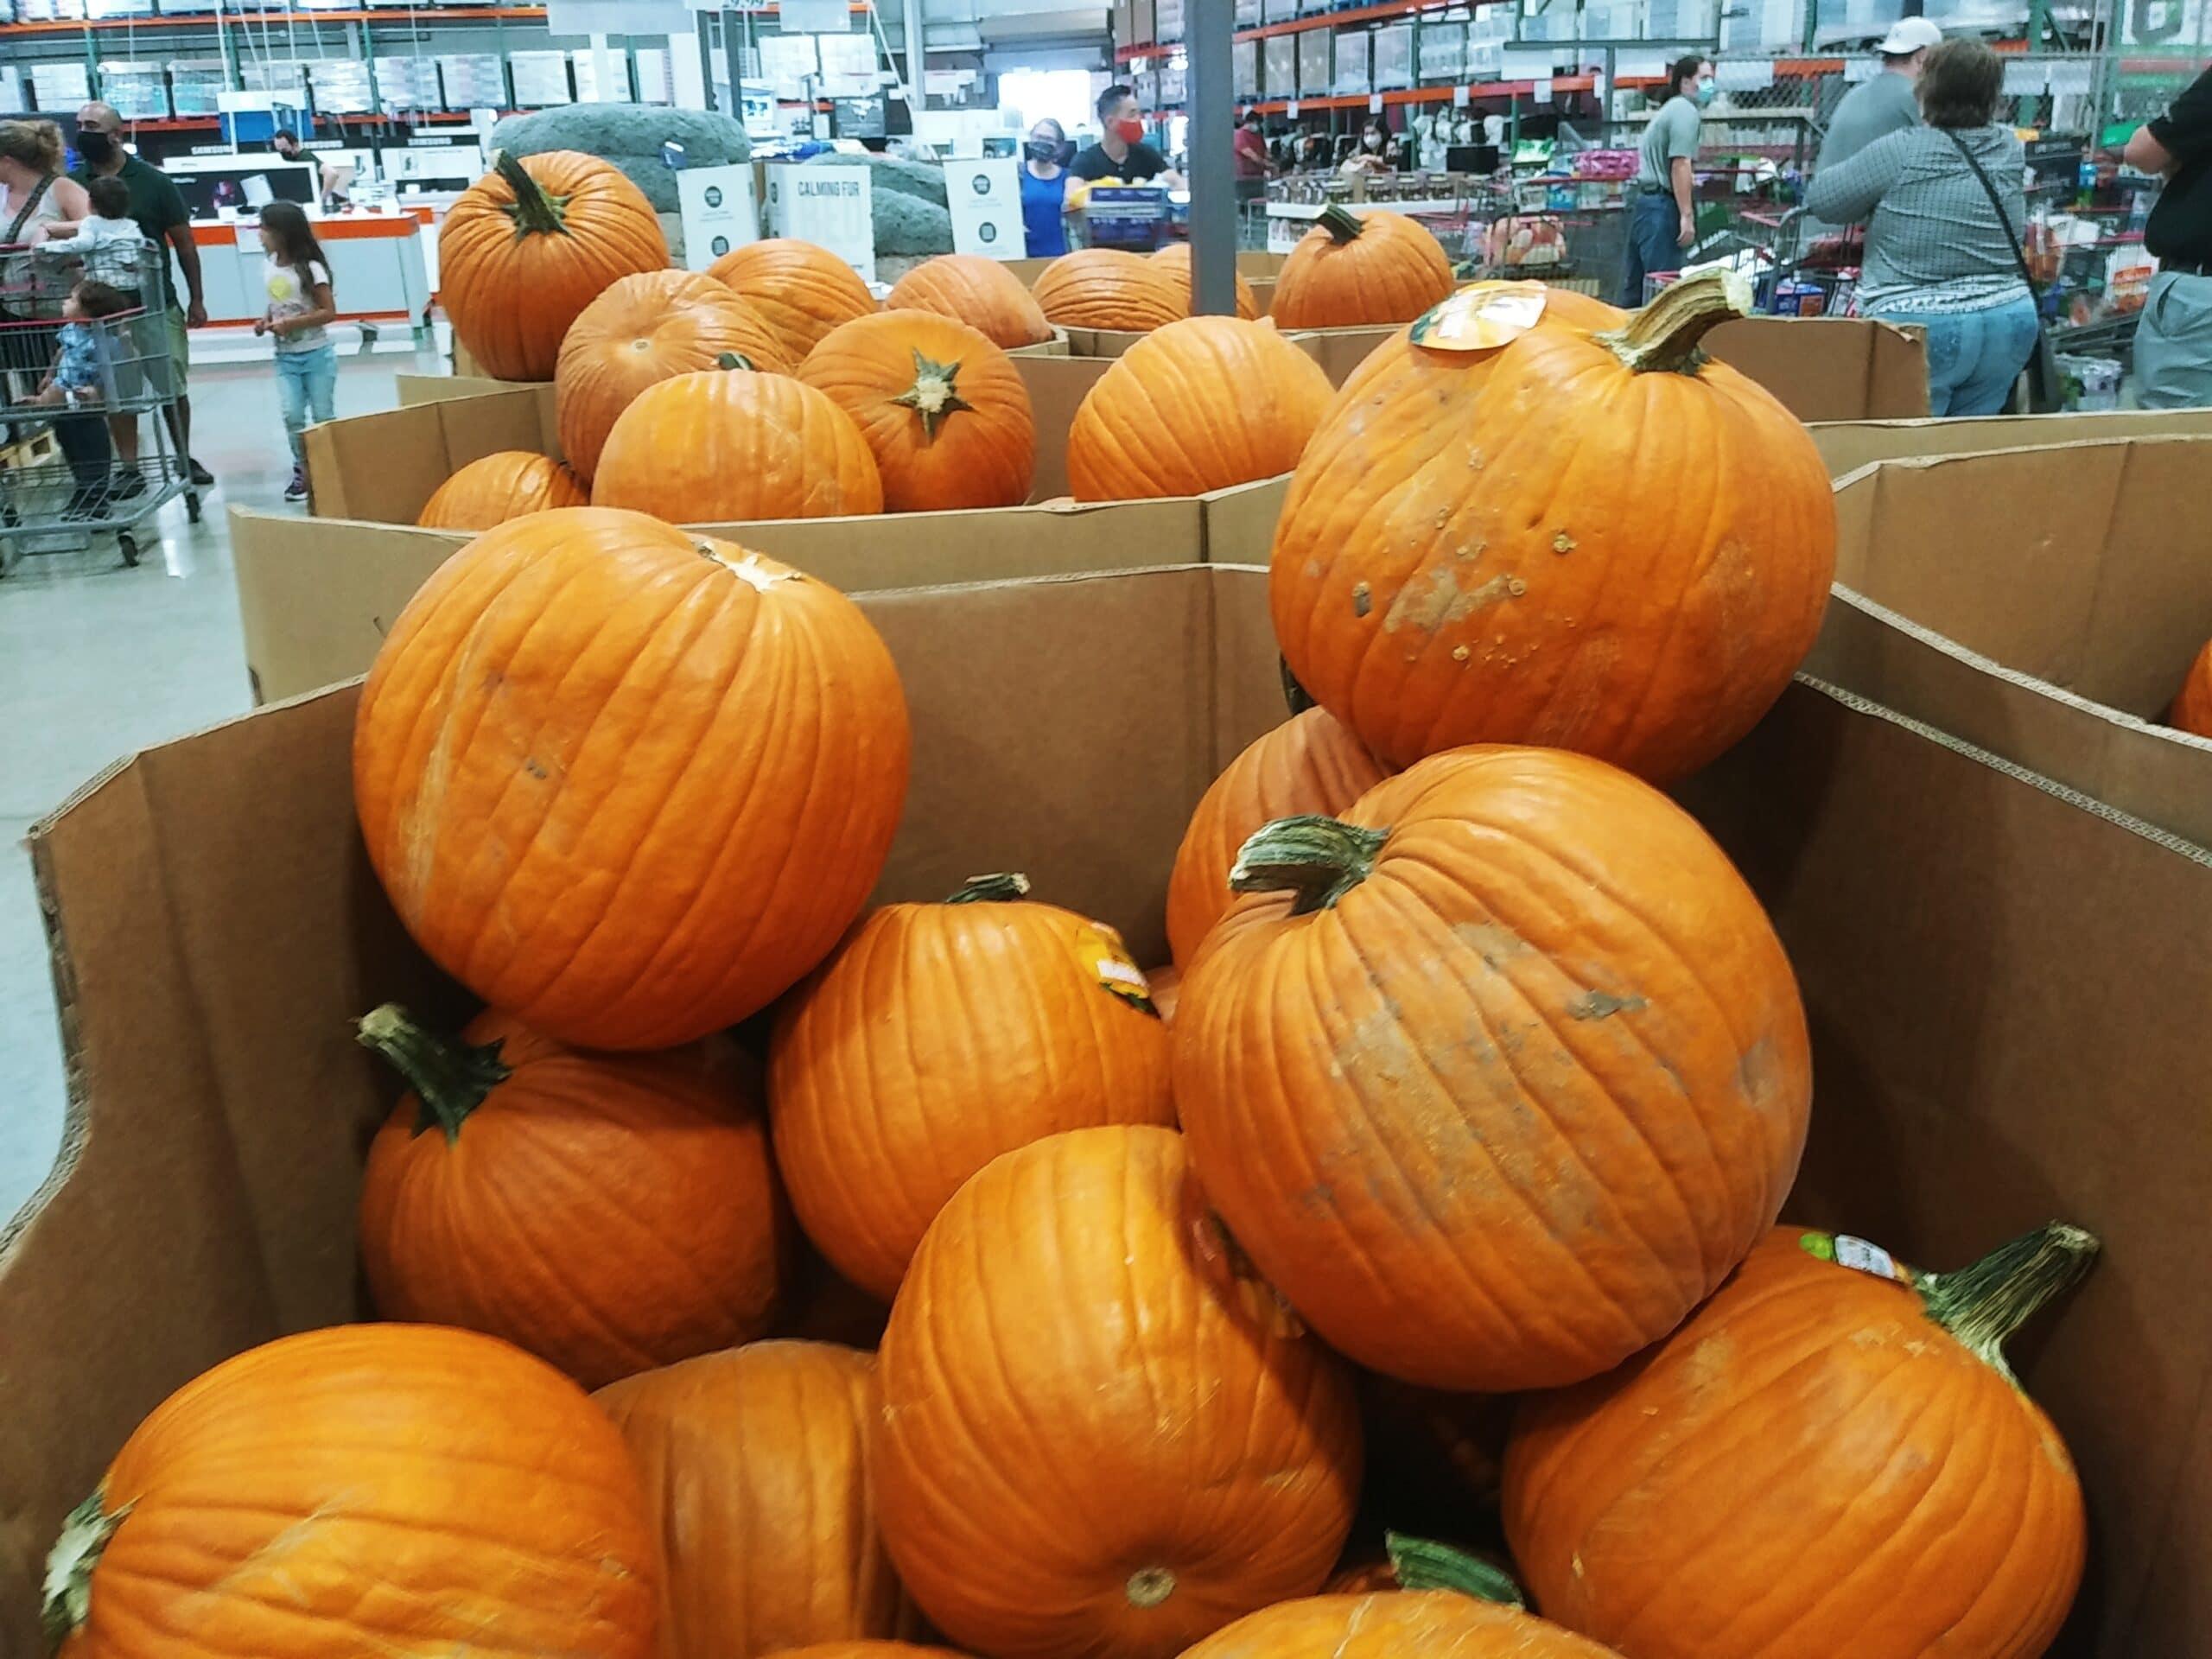 GO! Costco Has Pumpkins for $5.99